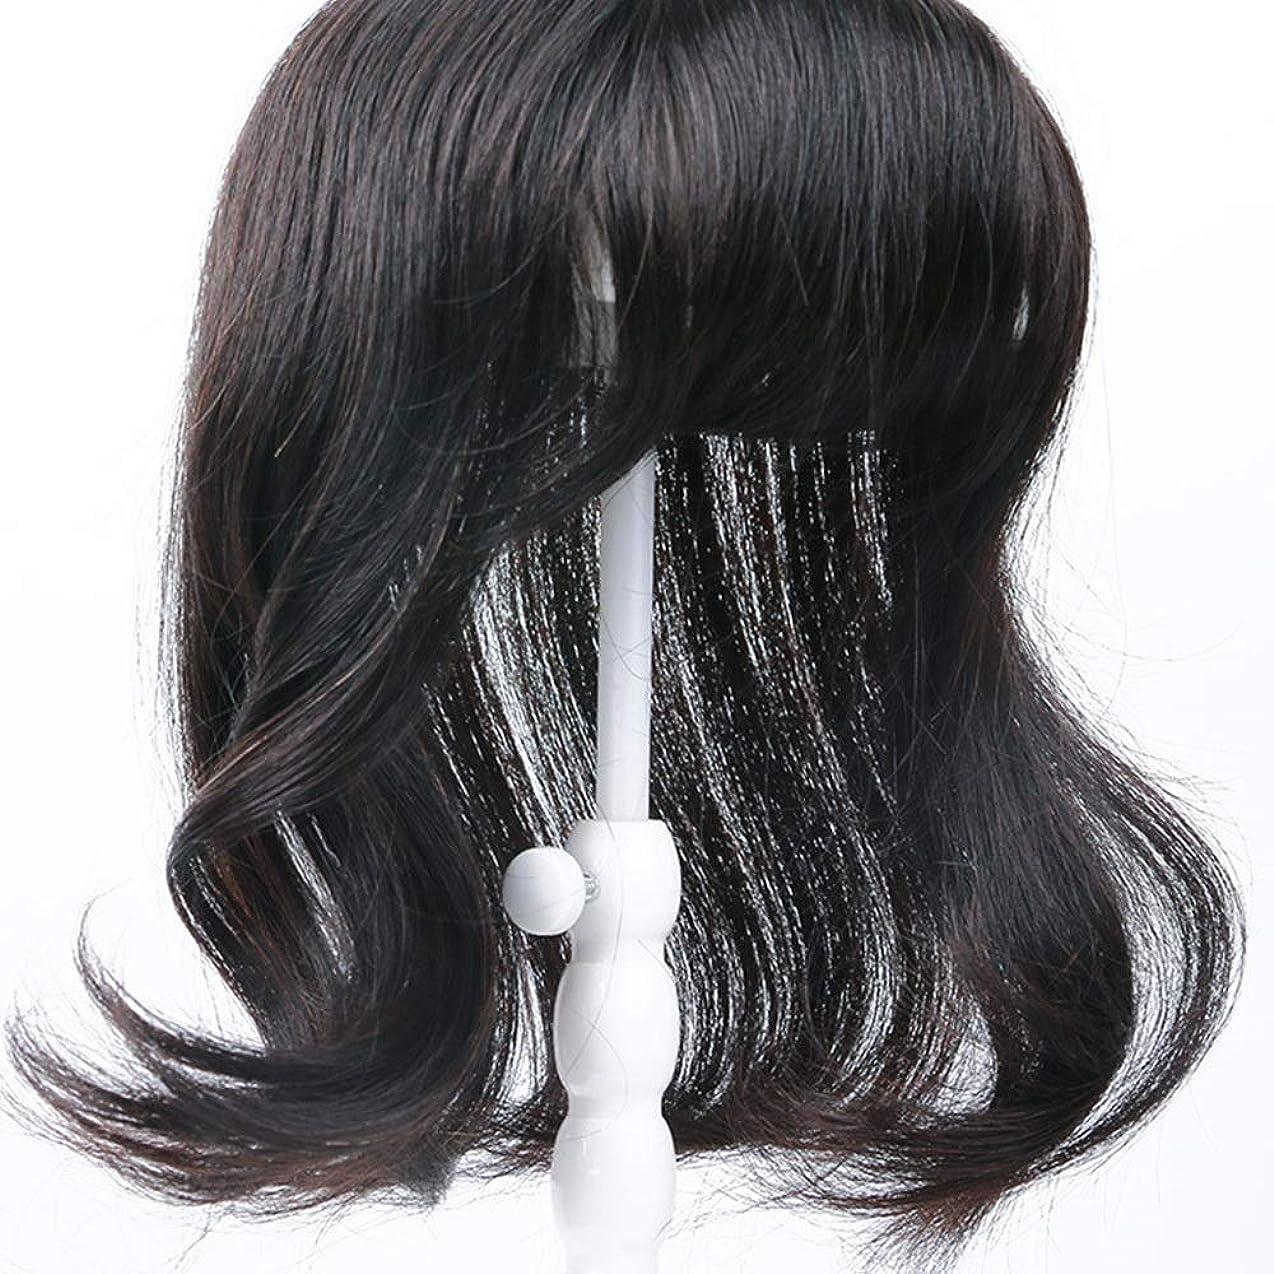 デュアル発生偉業Yrattary 女性のための波状の長い巻き毛リアルヘアエクステンション白髪かつら合成毛髪のレースのかつらロールプレイングウィッグロングとショートの女性自然 (色 : Natural black, サイズ : 35cm)